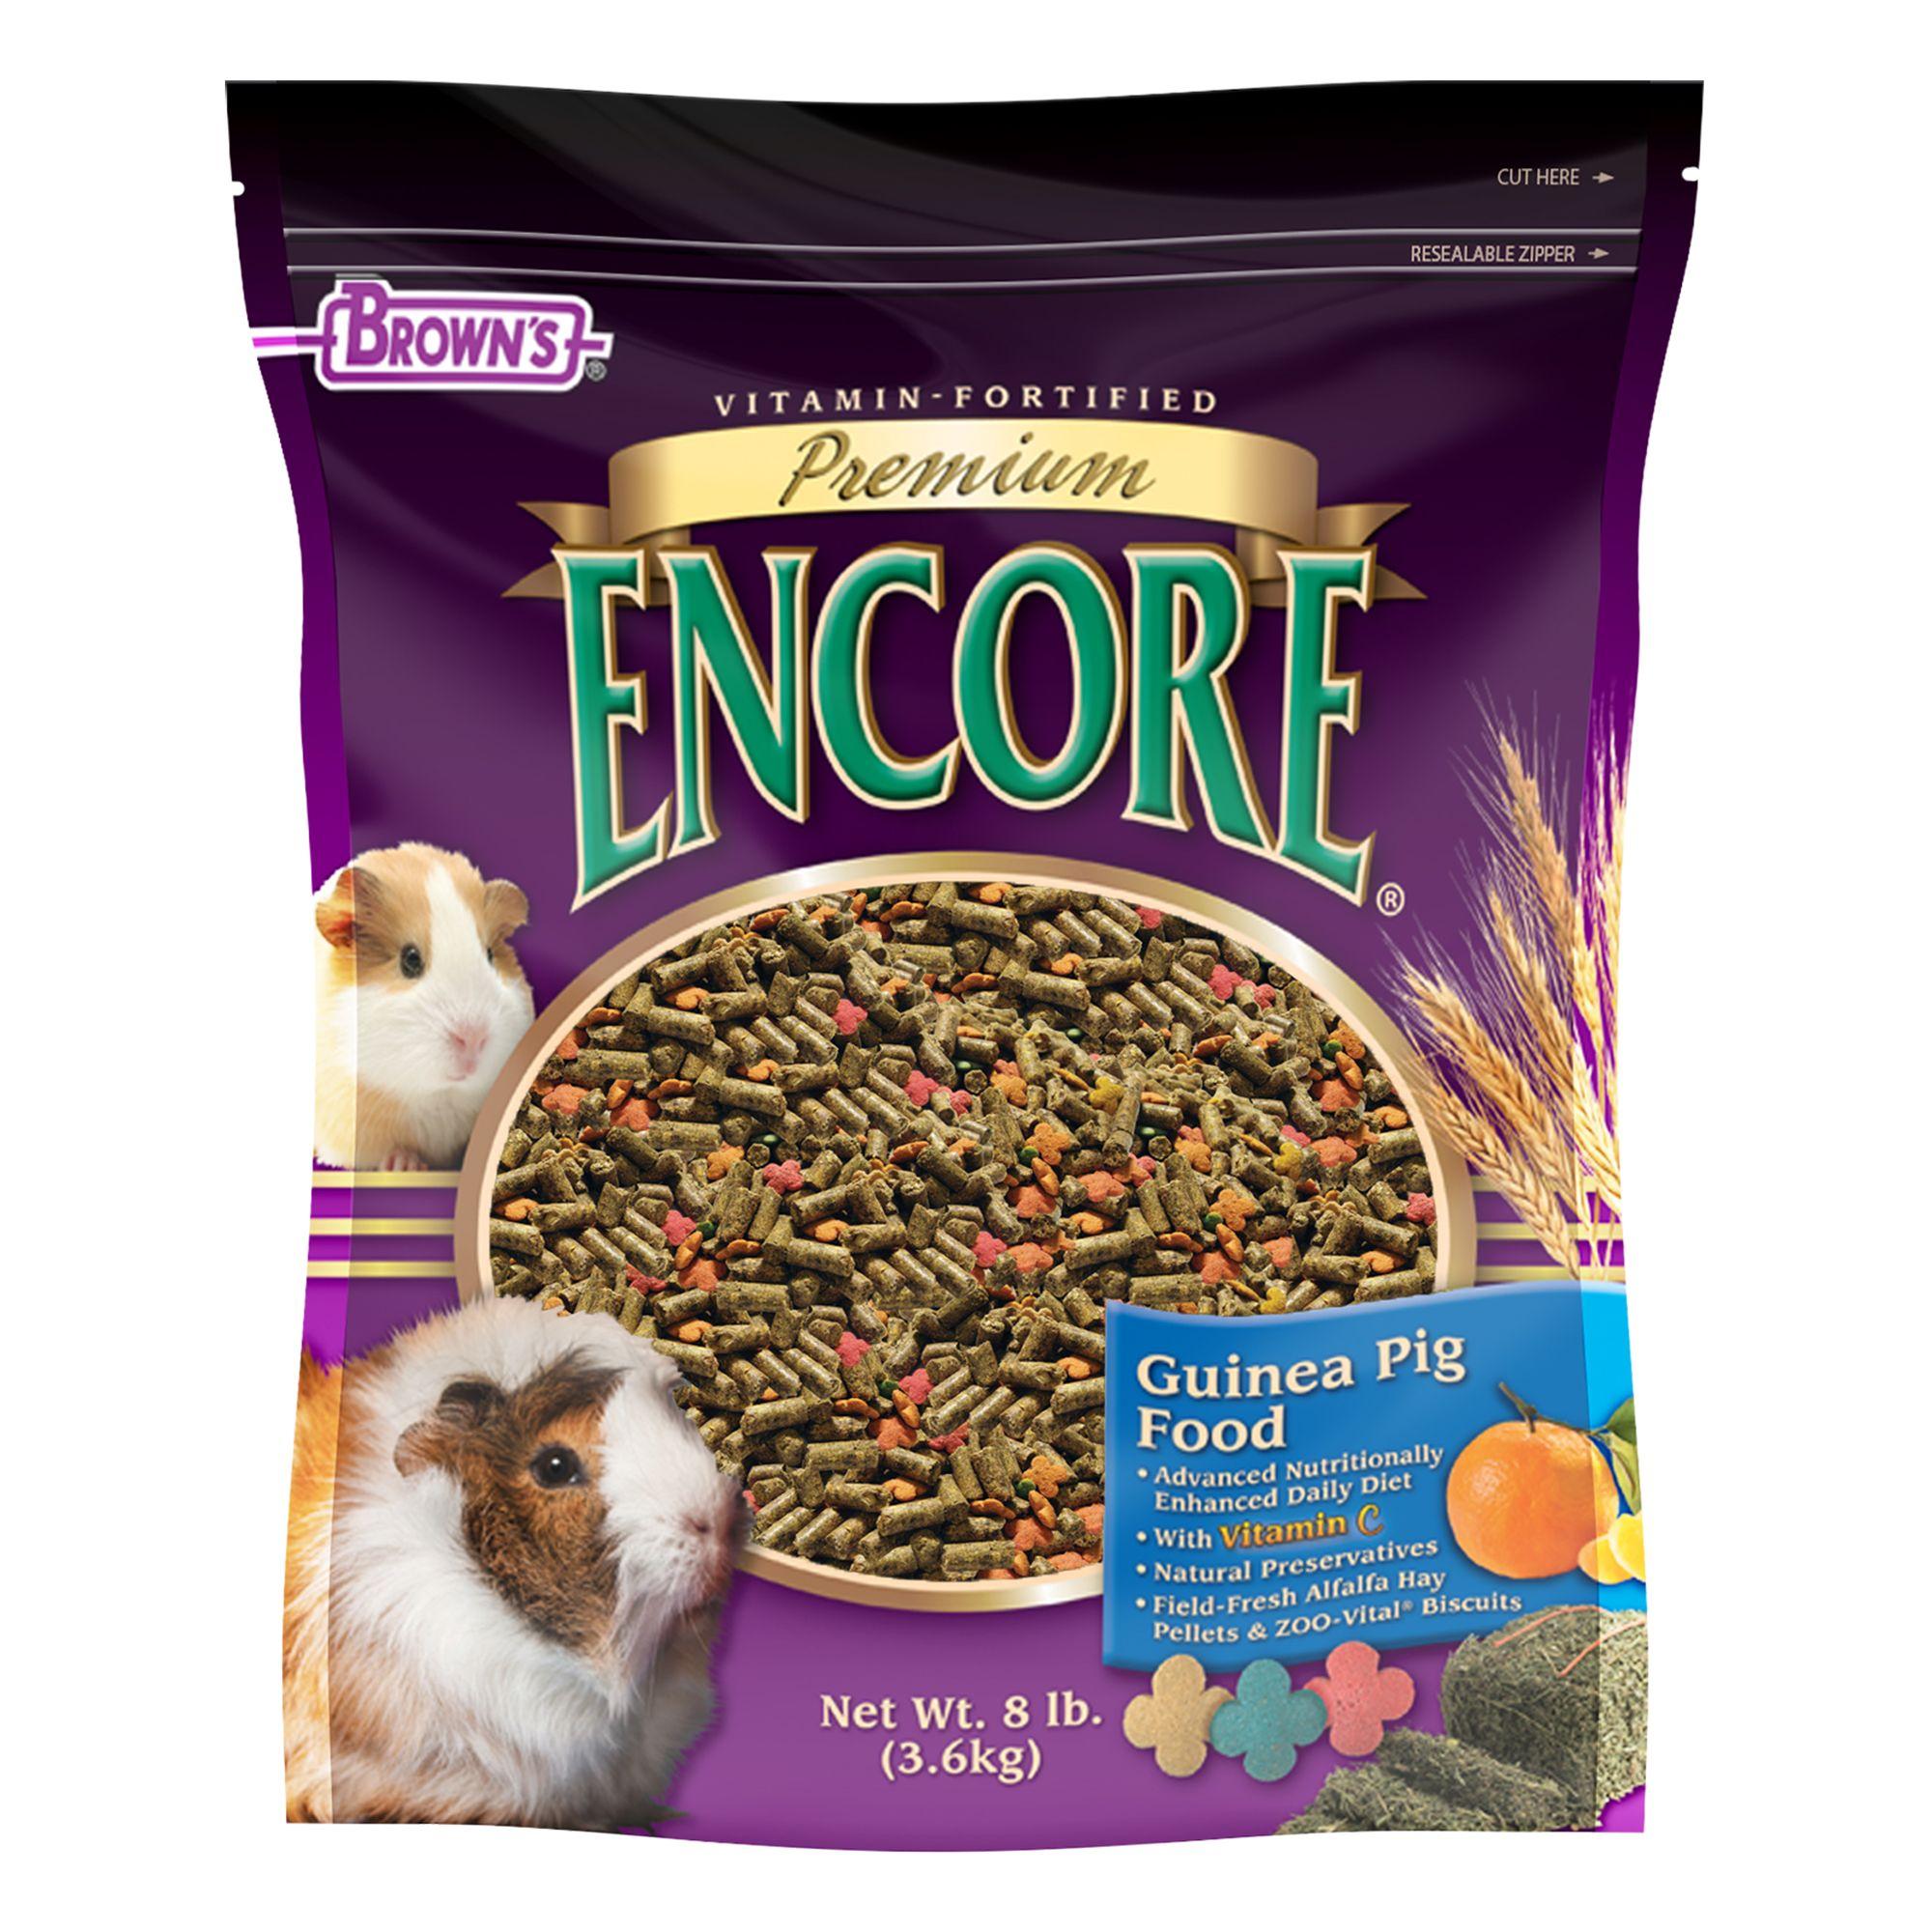 Browns Encore Premium Guinea Pig Food Size 8 Lb Fm Browns